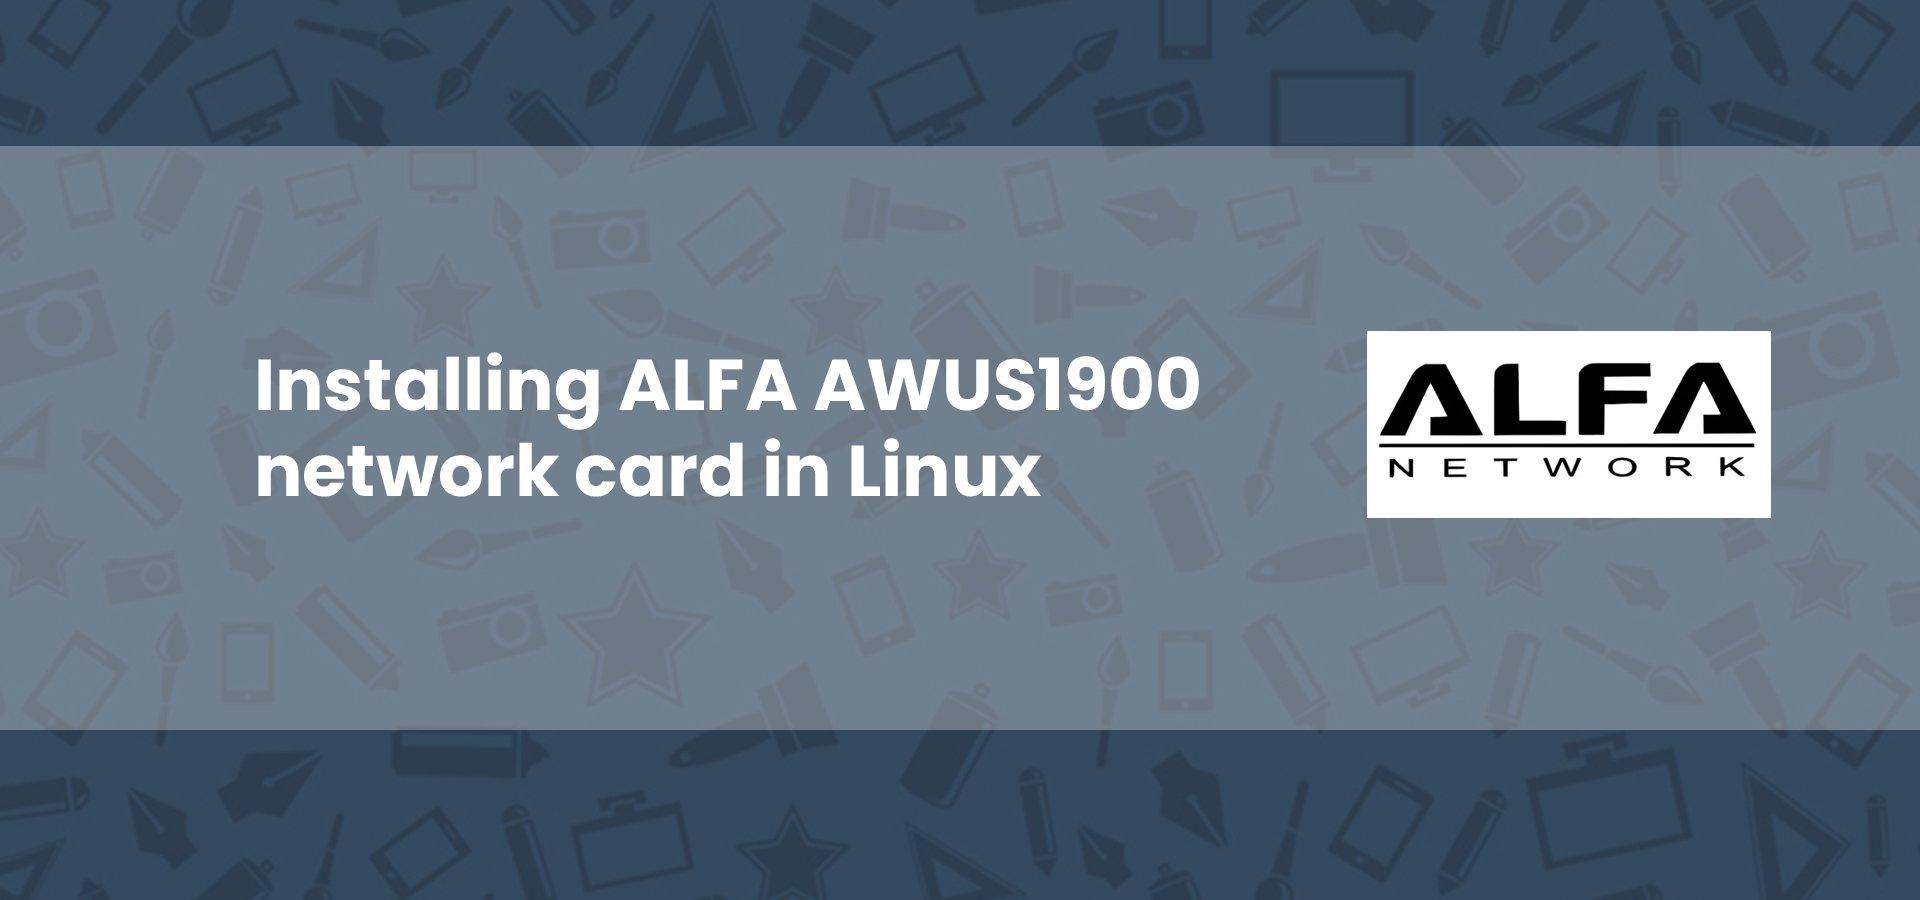 ALFA AWUS1900 Kali Linux